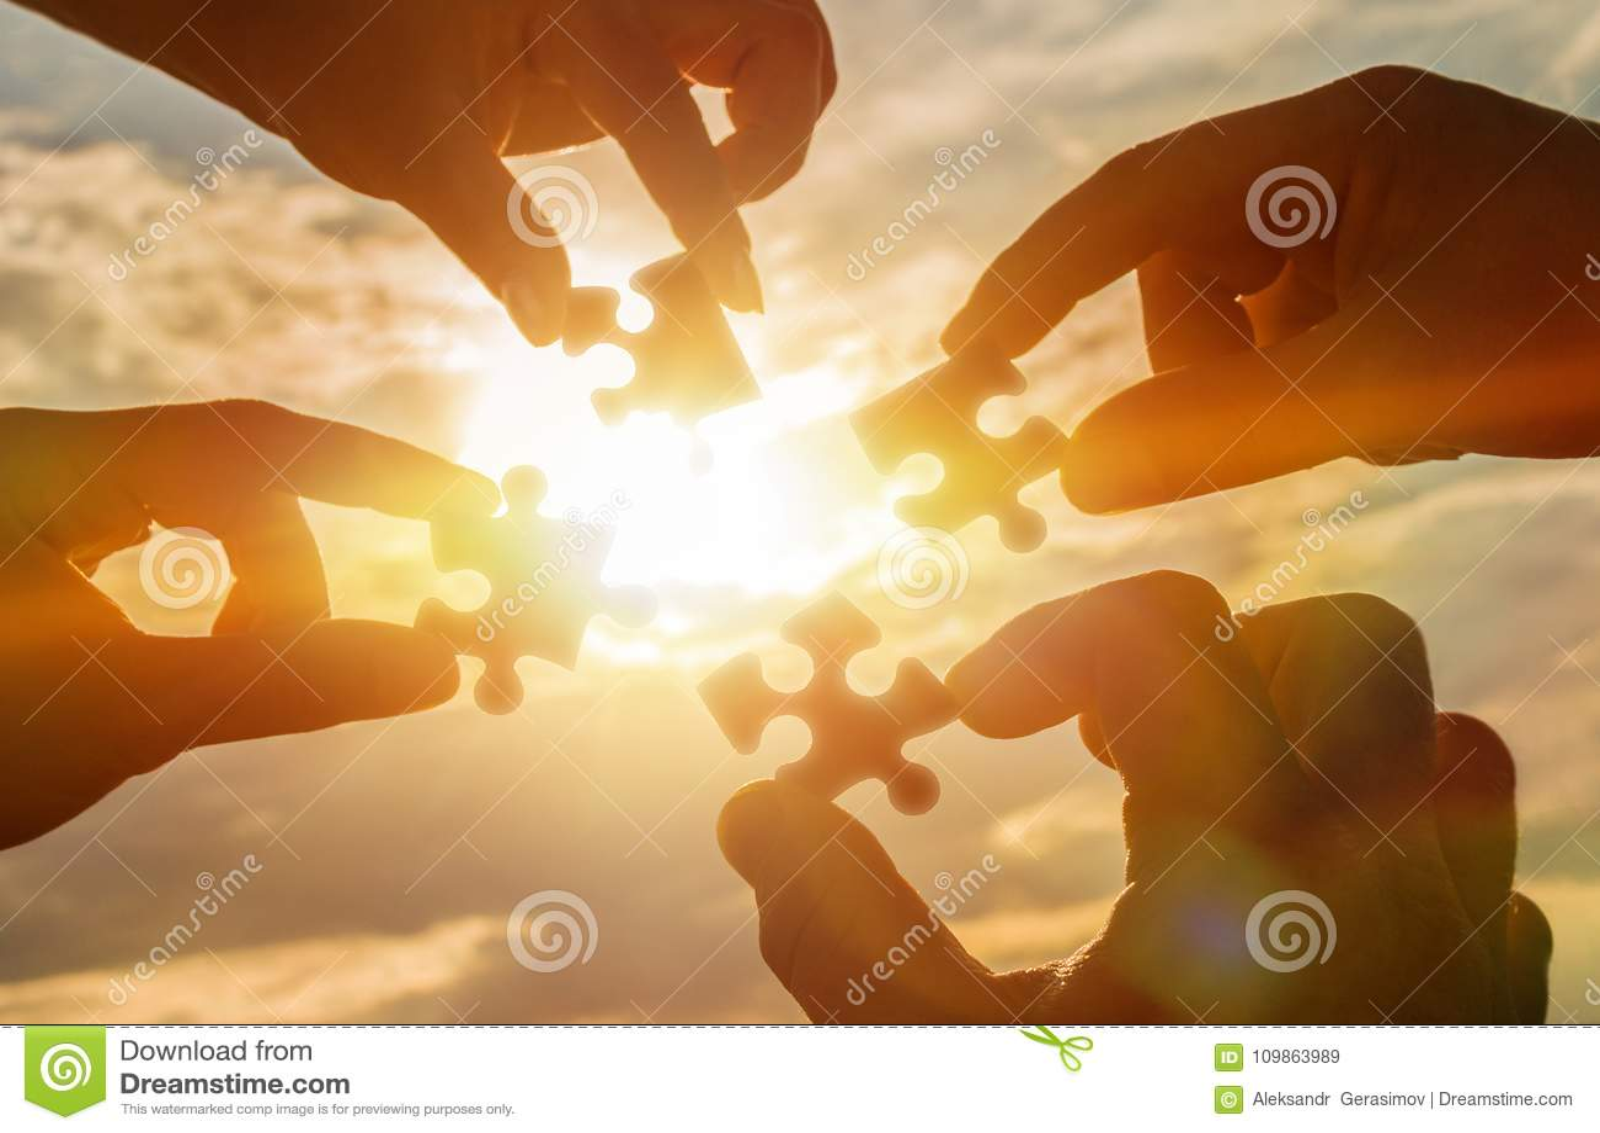 Colaboram quatro mãos que tentam conectar uma parte do enigma com um fundo do por do sol Um enigma à disposição contra a luz sola